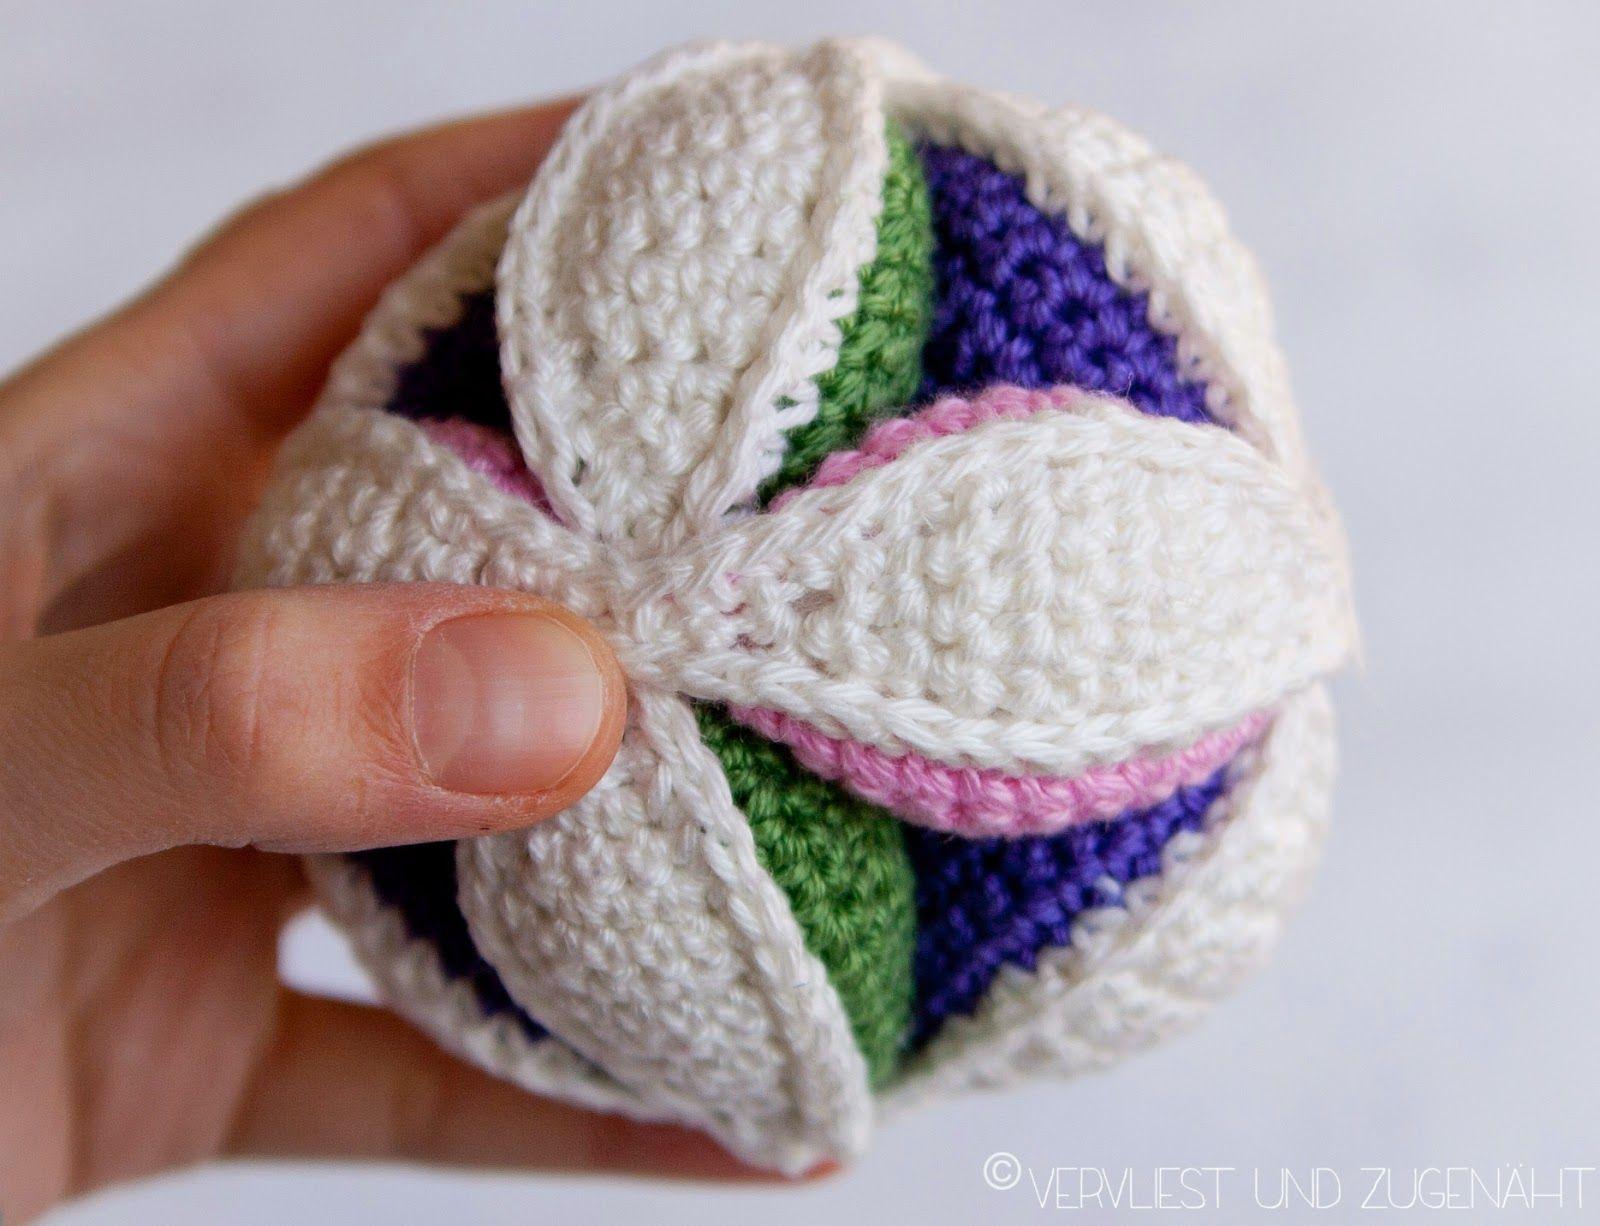 Vervliest Und Zugenäht Amish Puzzle Ball Wolle Pinterest